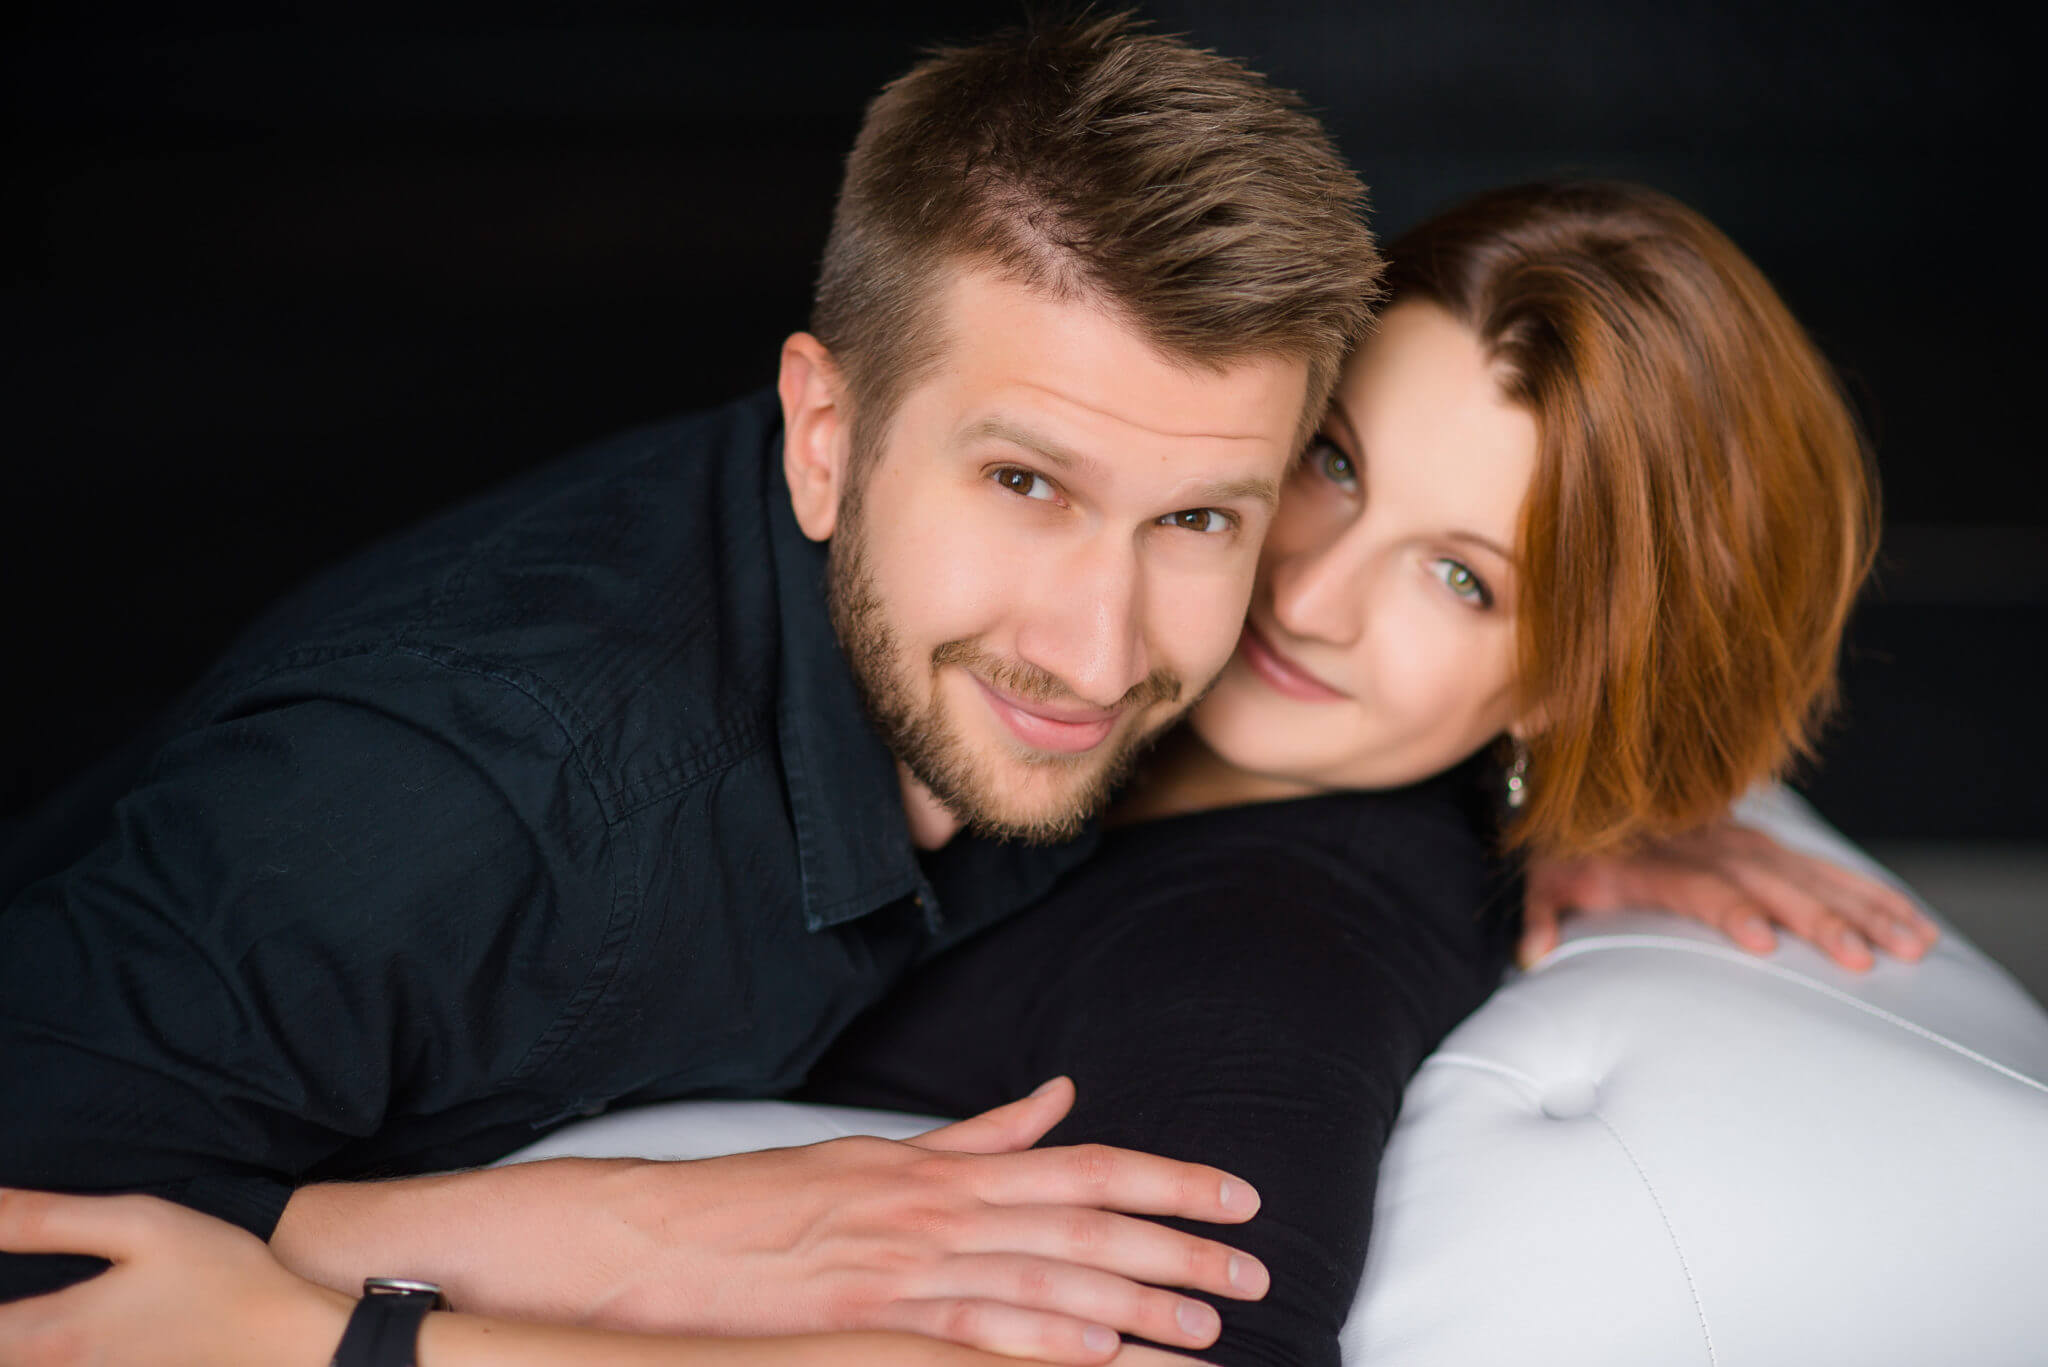 Фотосессия Love Story в студии, пара на черном фоне